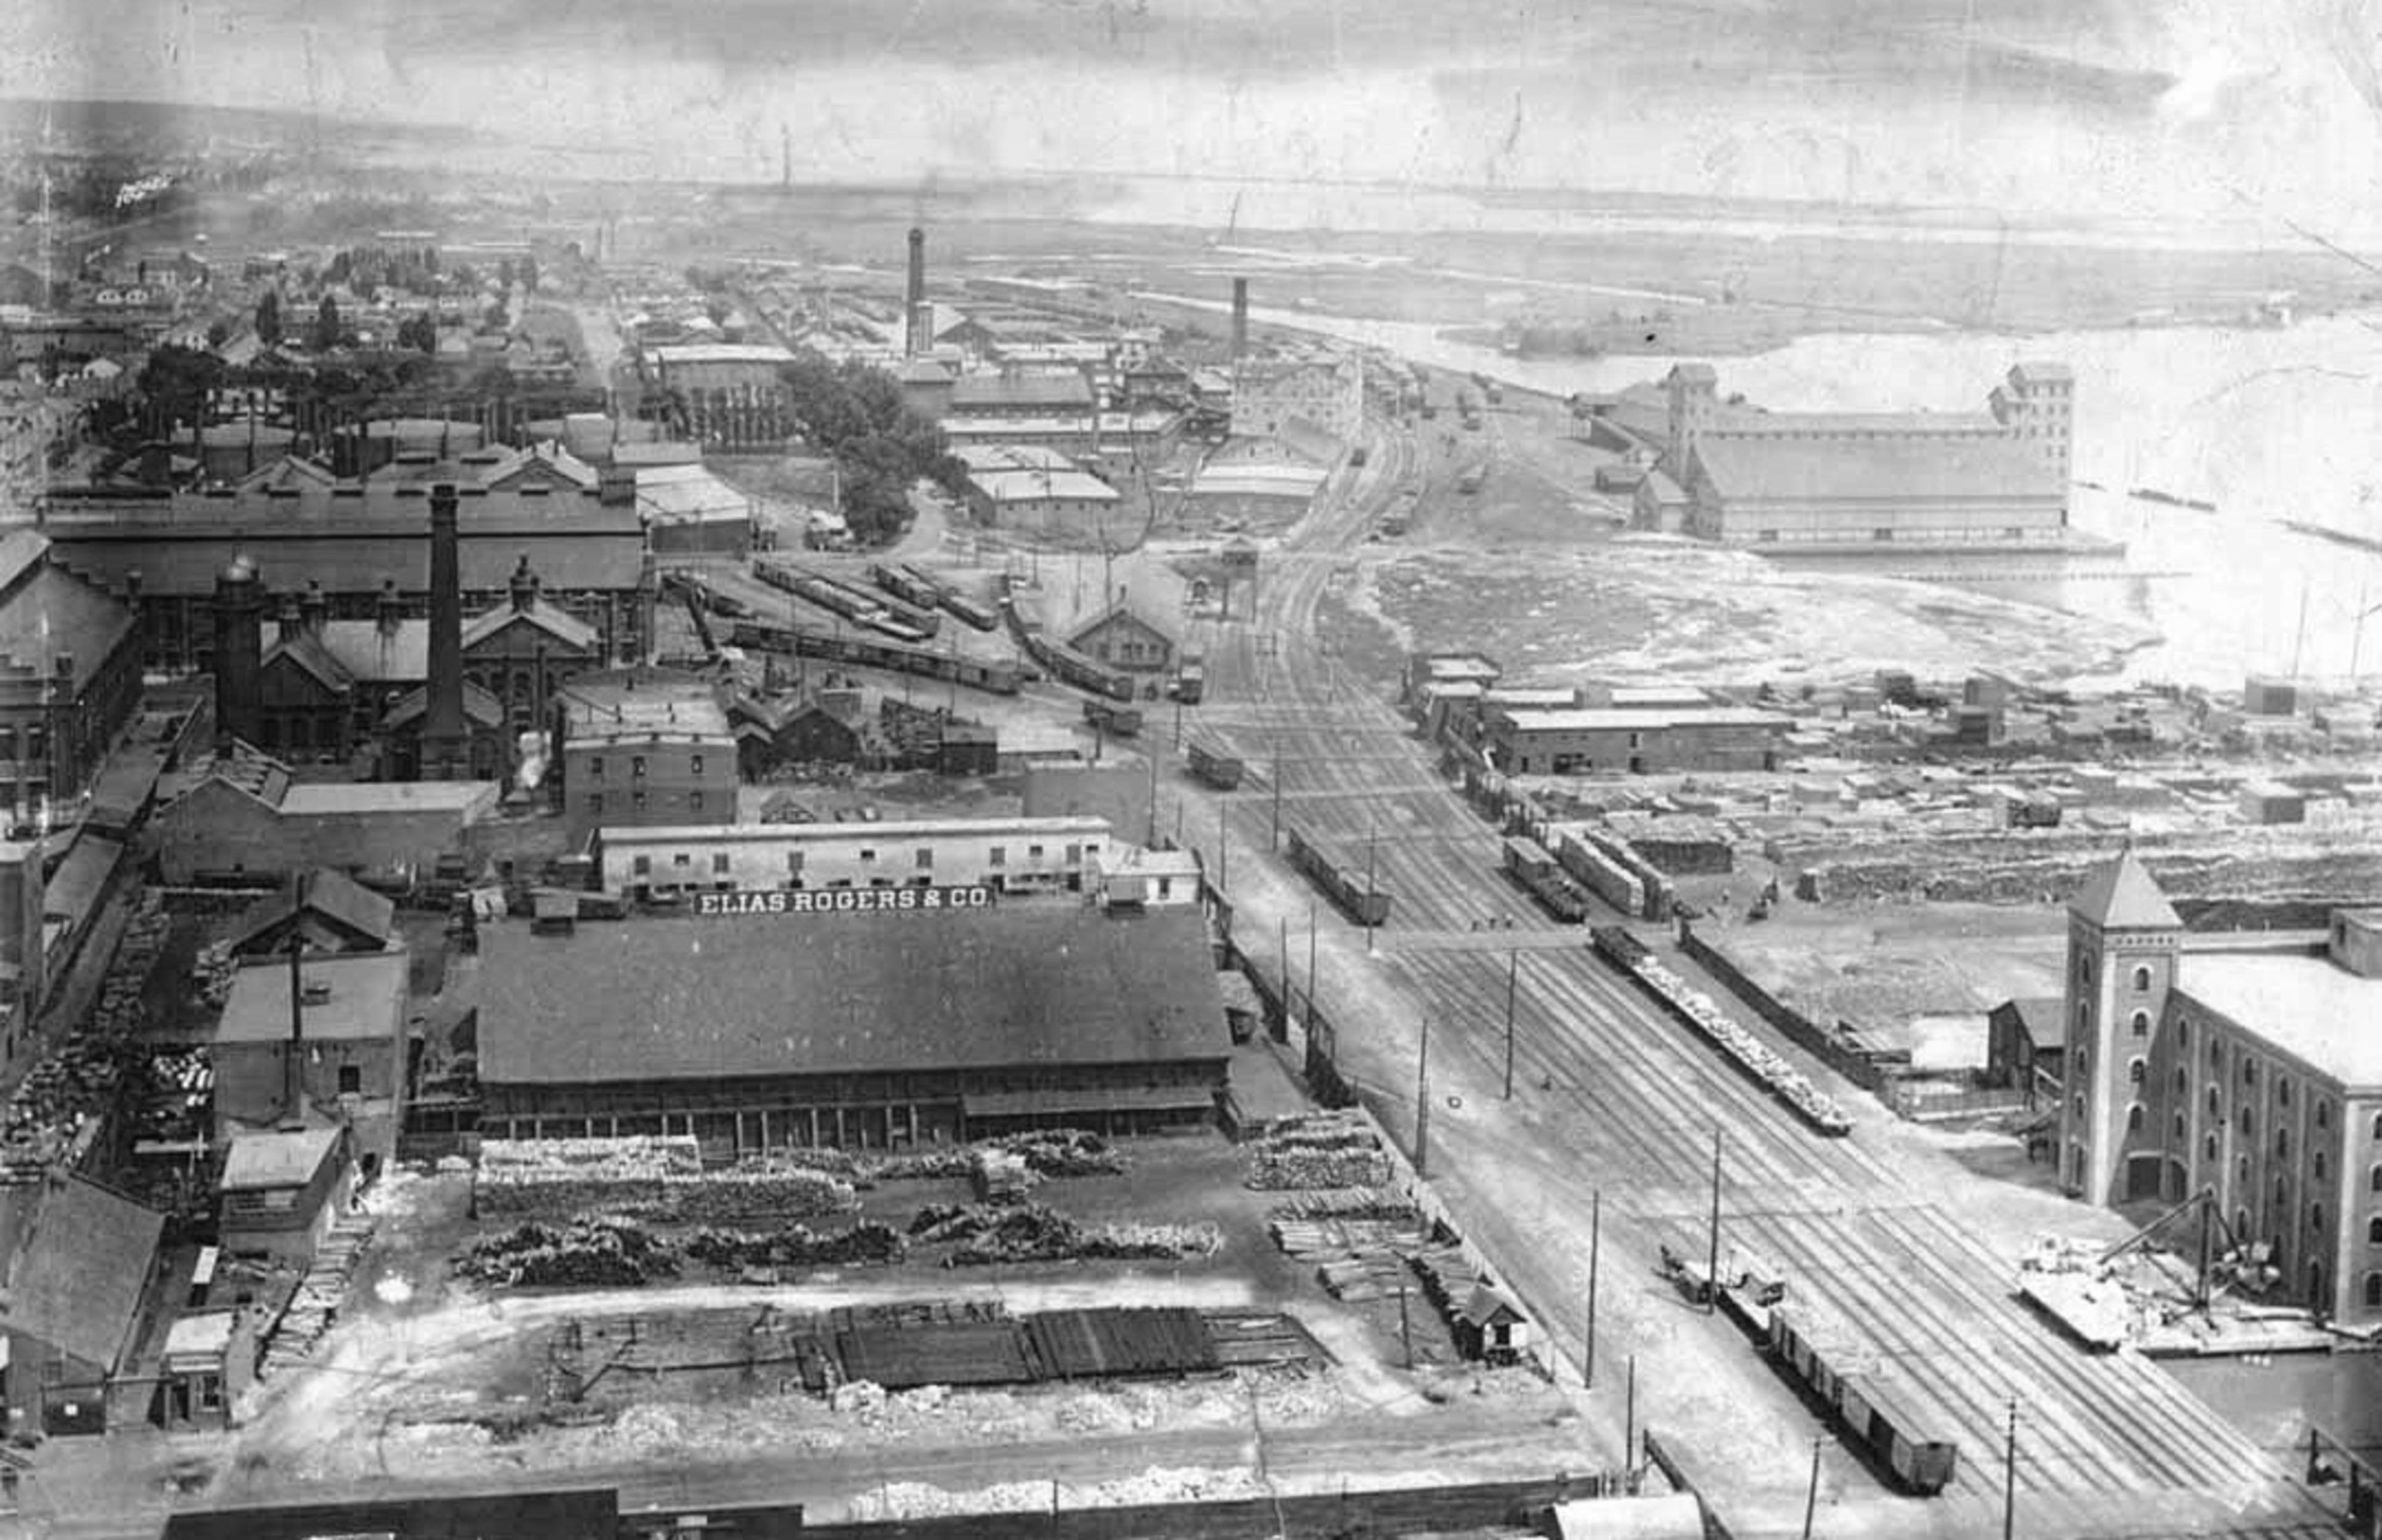 esplanade toronto 1894